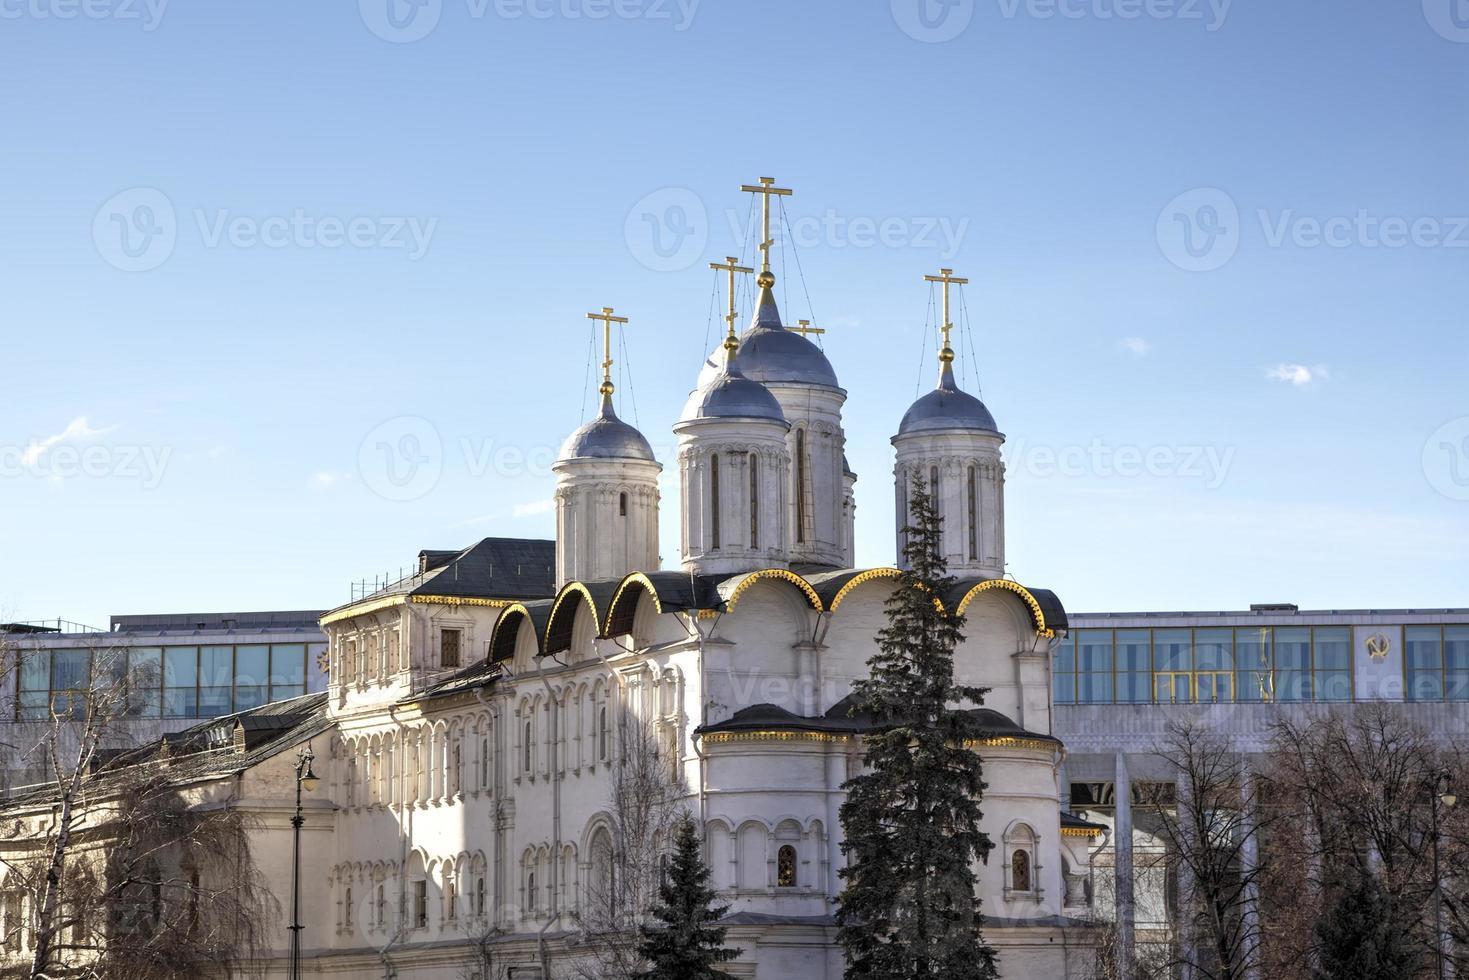 palais patriarche et l'église des douze apôtres. Kremlin de Moscou, Russie photo